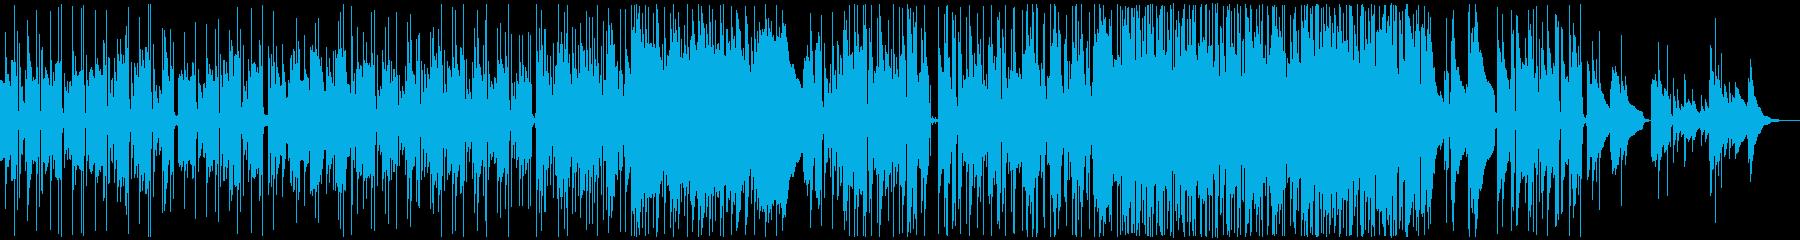 バラード ポジティブ 明るい ロマ...の再生済みの波形